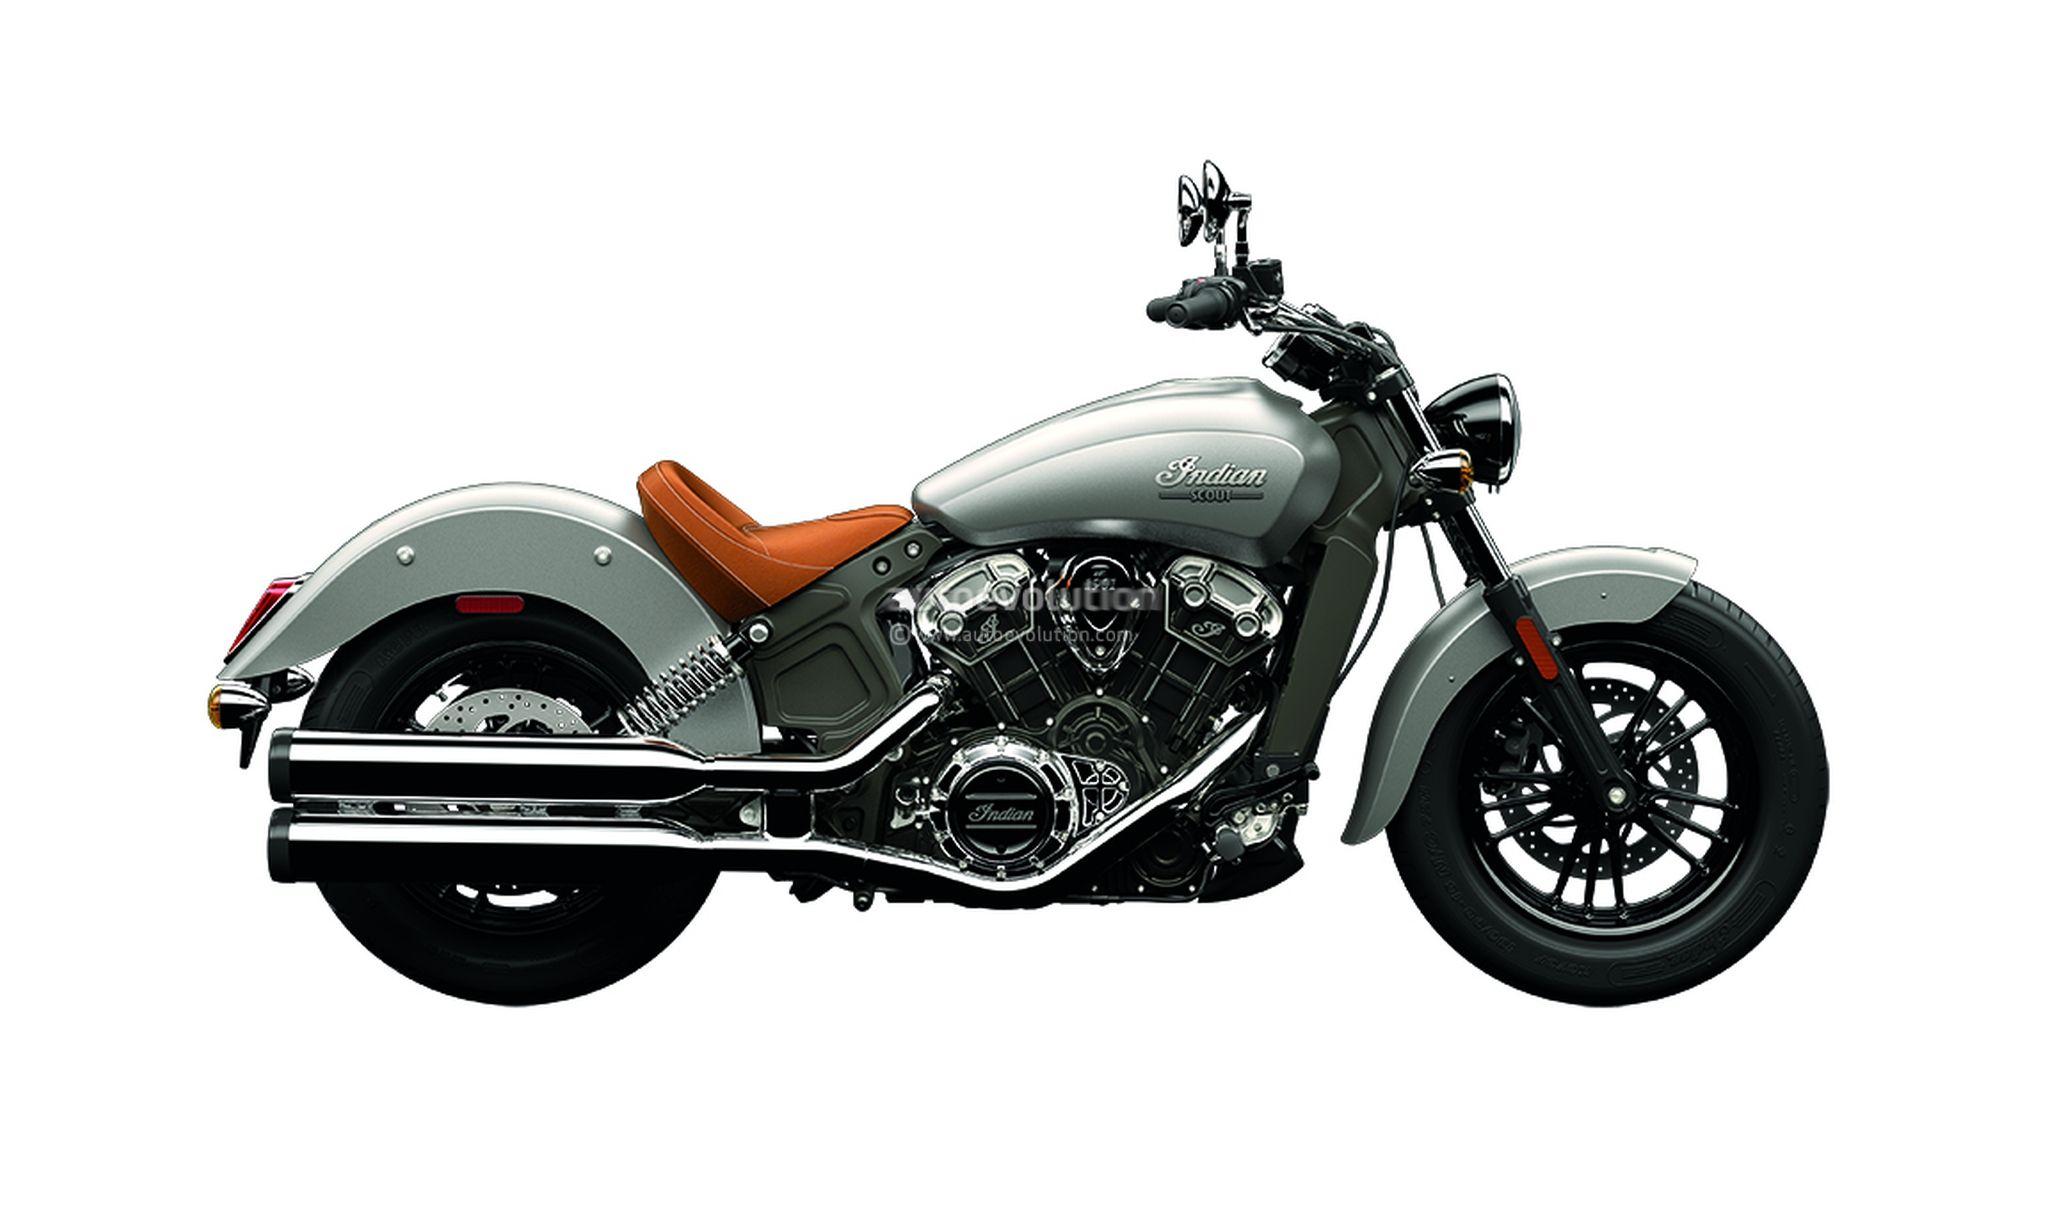 Indian Motorcycle Indian Motorcycle Bikes Indian Motorcycle Bike Price Indian Motorcycle Bike Indian Motorcycle Indian Motorcycle Scout 2015 Indian Scout [ 1228 x 2048 Pixel ]